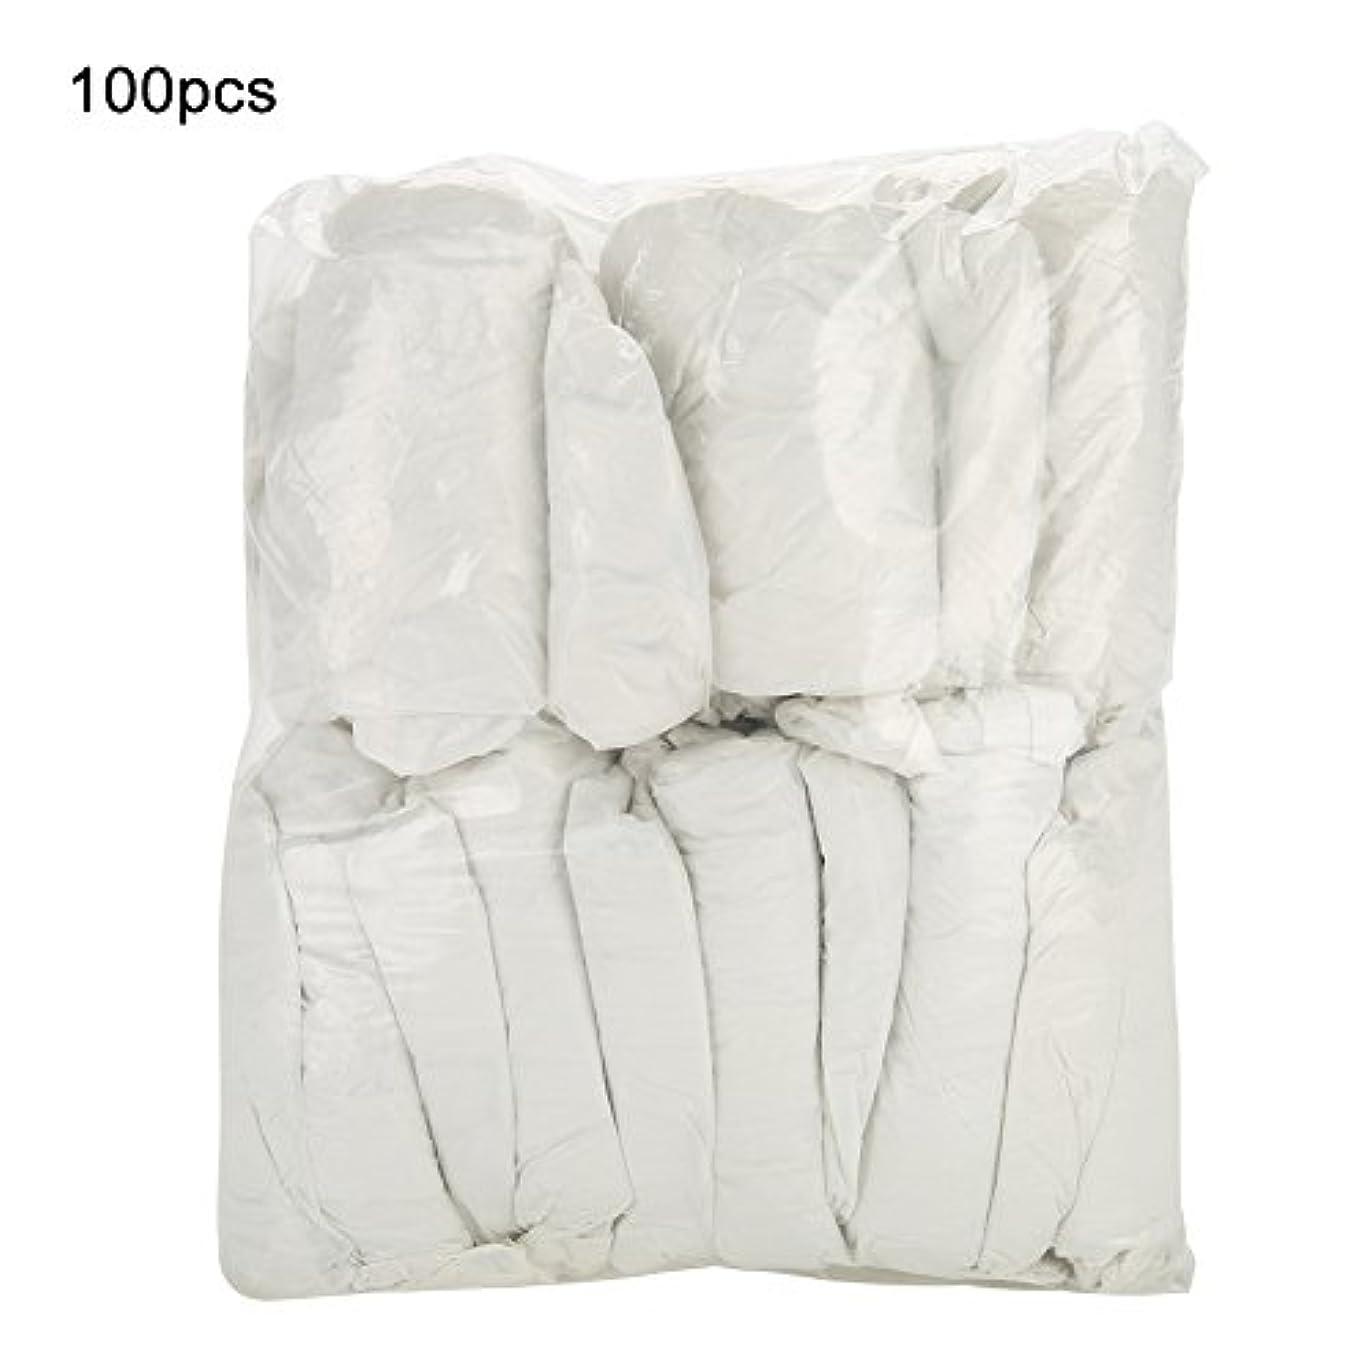 わがままペレット軍団Semme 100pcs / bag使い捨てPlasticTattooスリーブ、滅菌タトゥーアームスリーブスリーブレットカバー保護